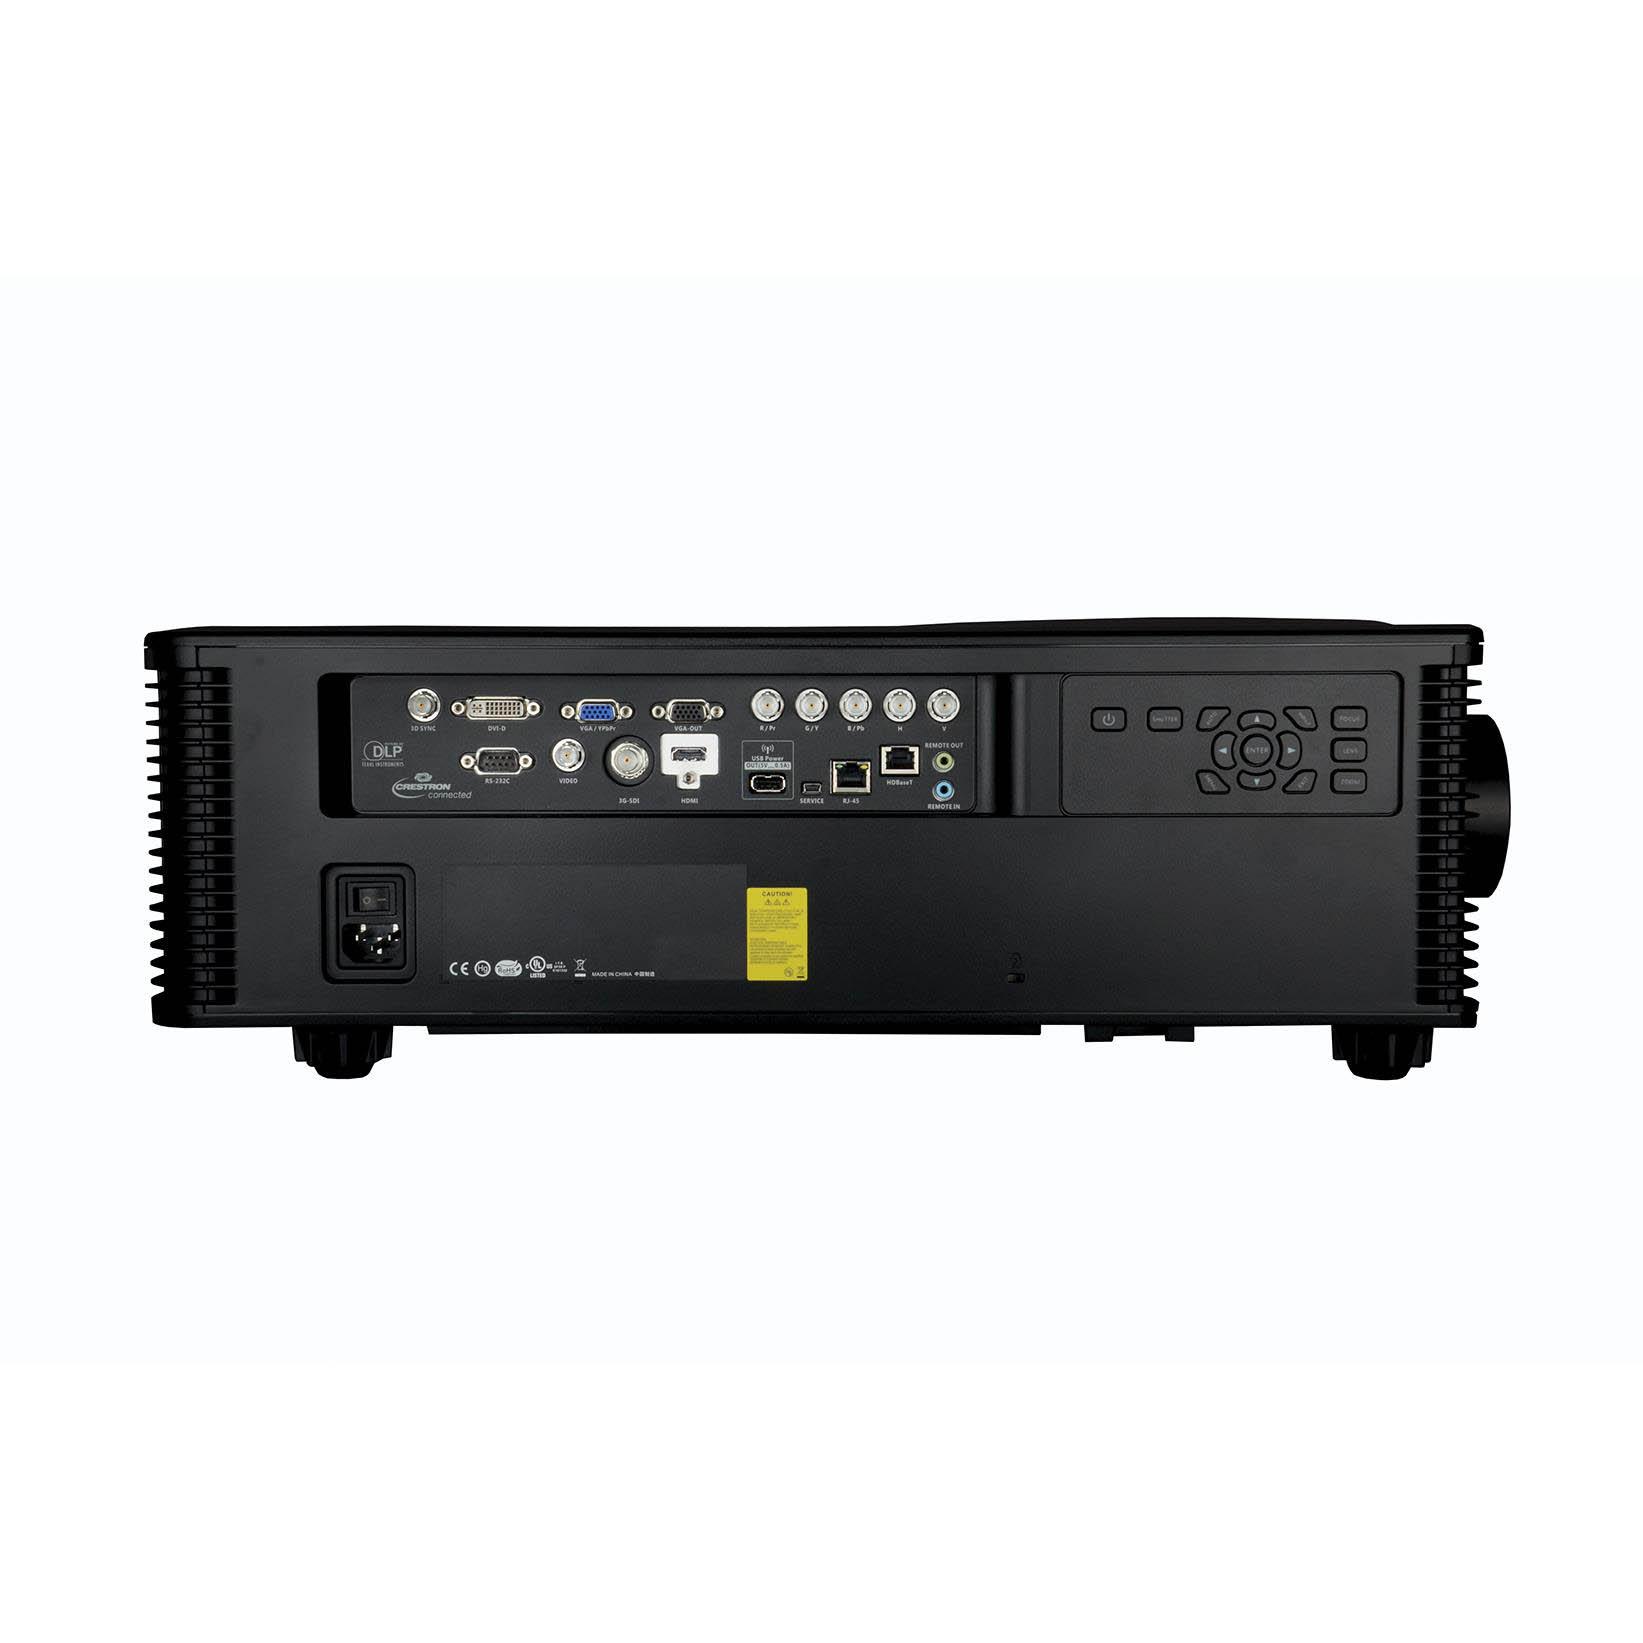 WU1500 3?bw=75&w=75&bh=75&h=75 optoma wu1500 wuxga projector with 12,000 lumens optoma optoma Projector Wiring Setup at bayanpartner.co